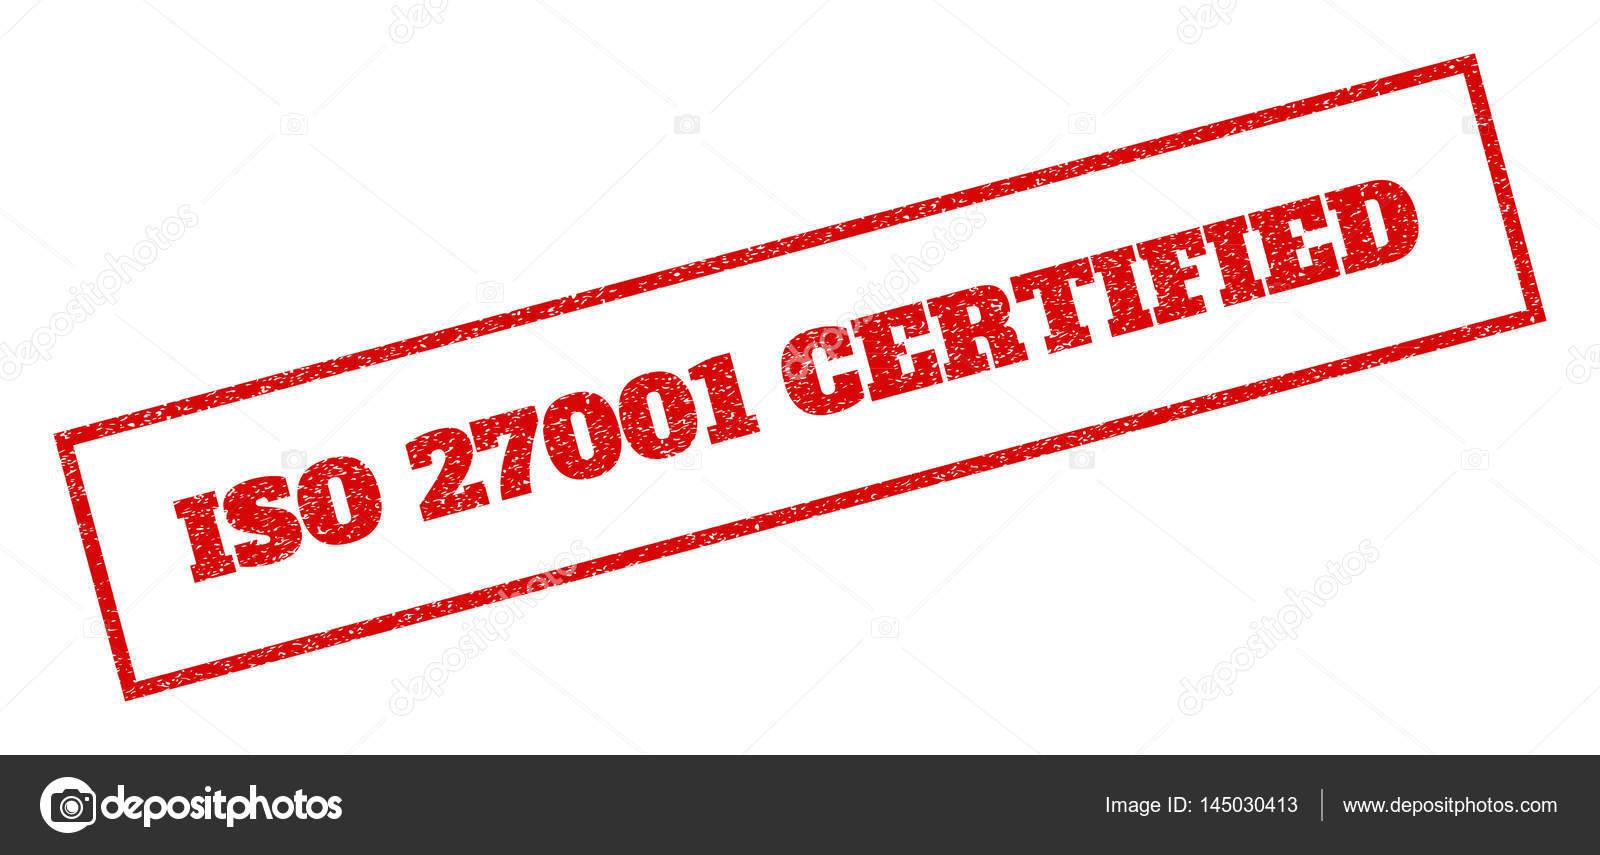 红色的橡皮印章加盖 iso 27001 认证的文本.矢量标记矩形框架内.